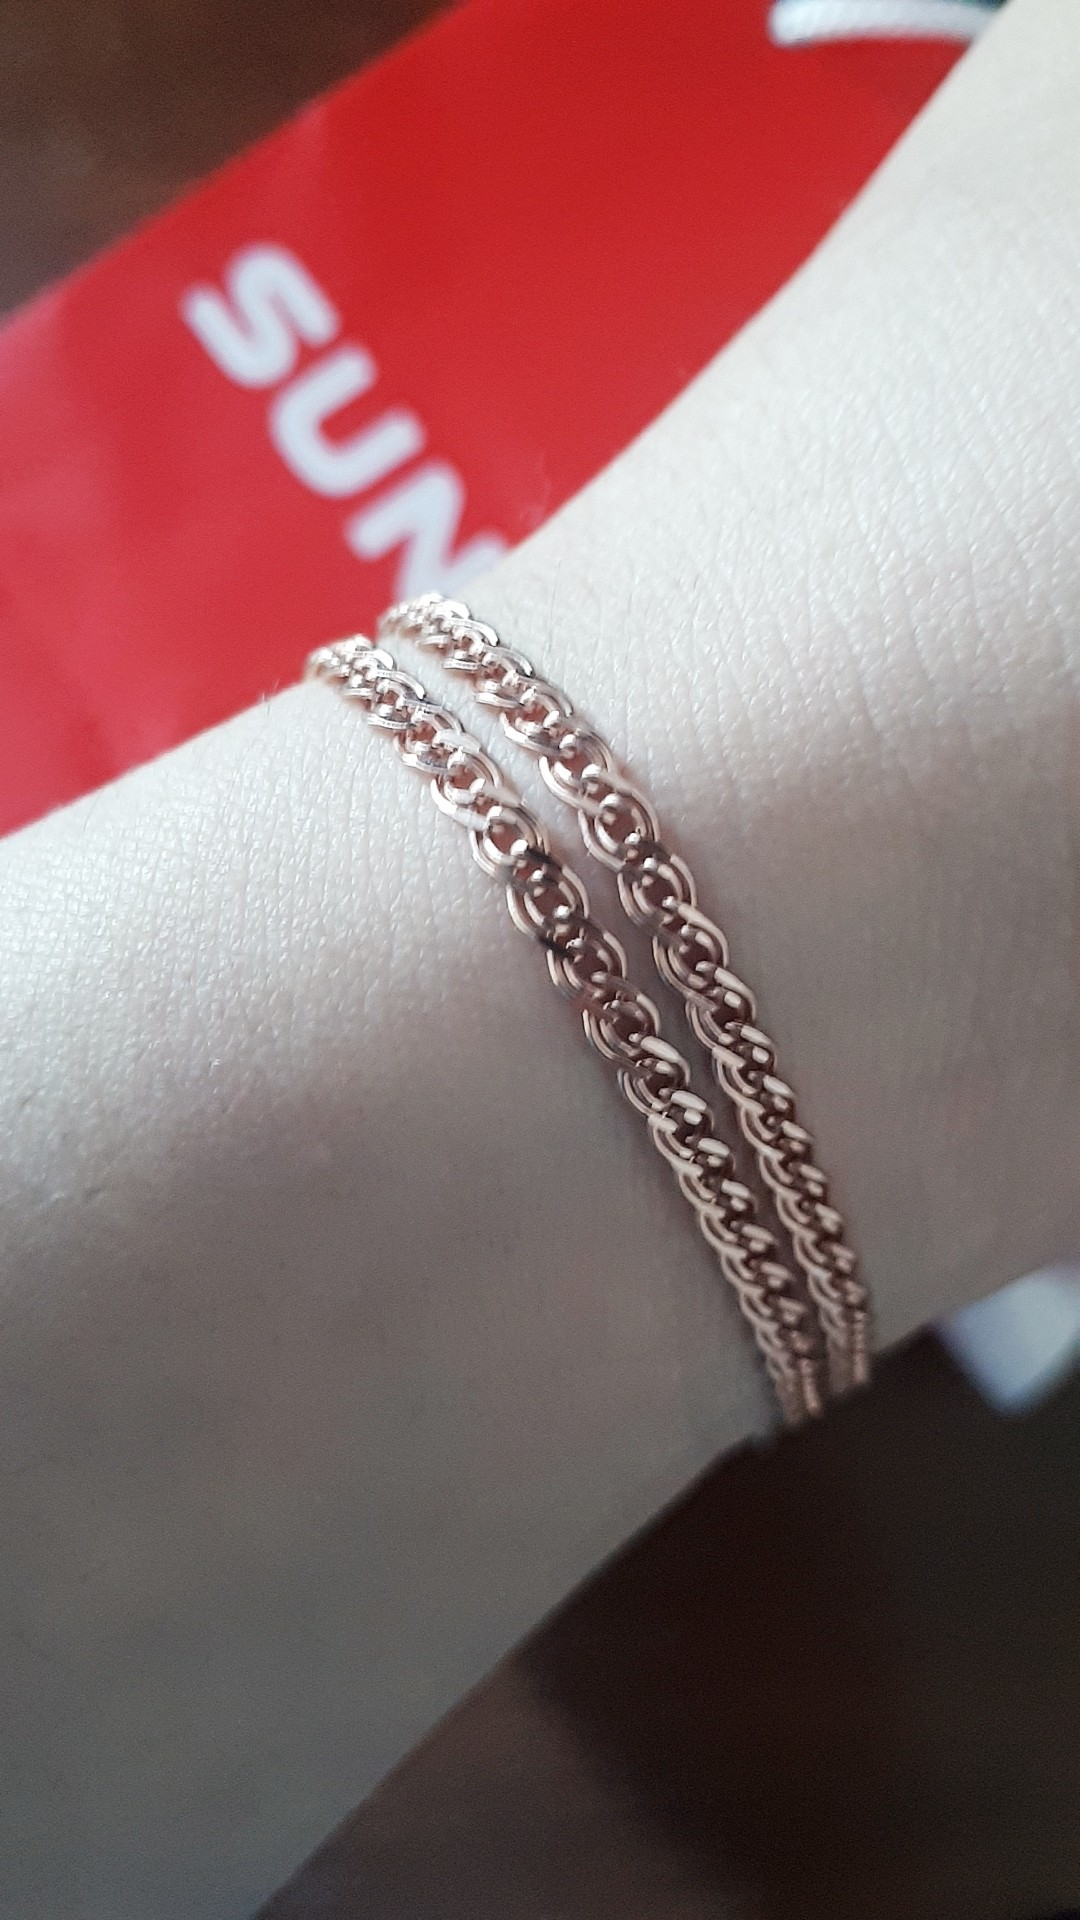 Очень красивая цепочка, серебро под золото